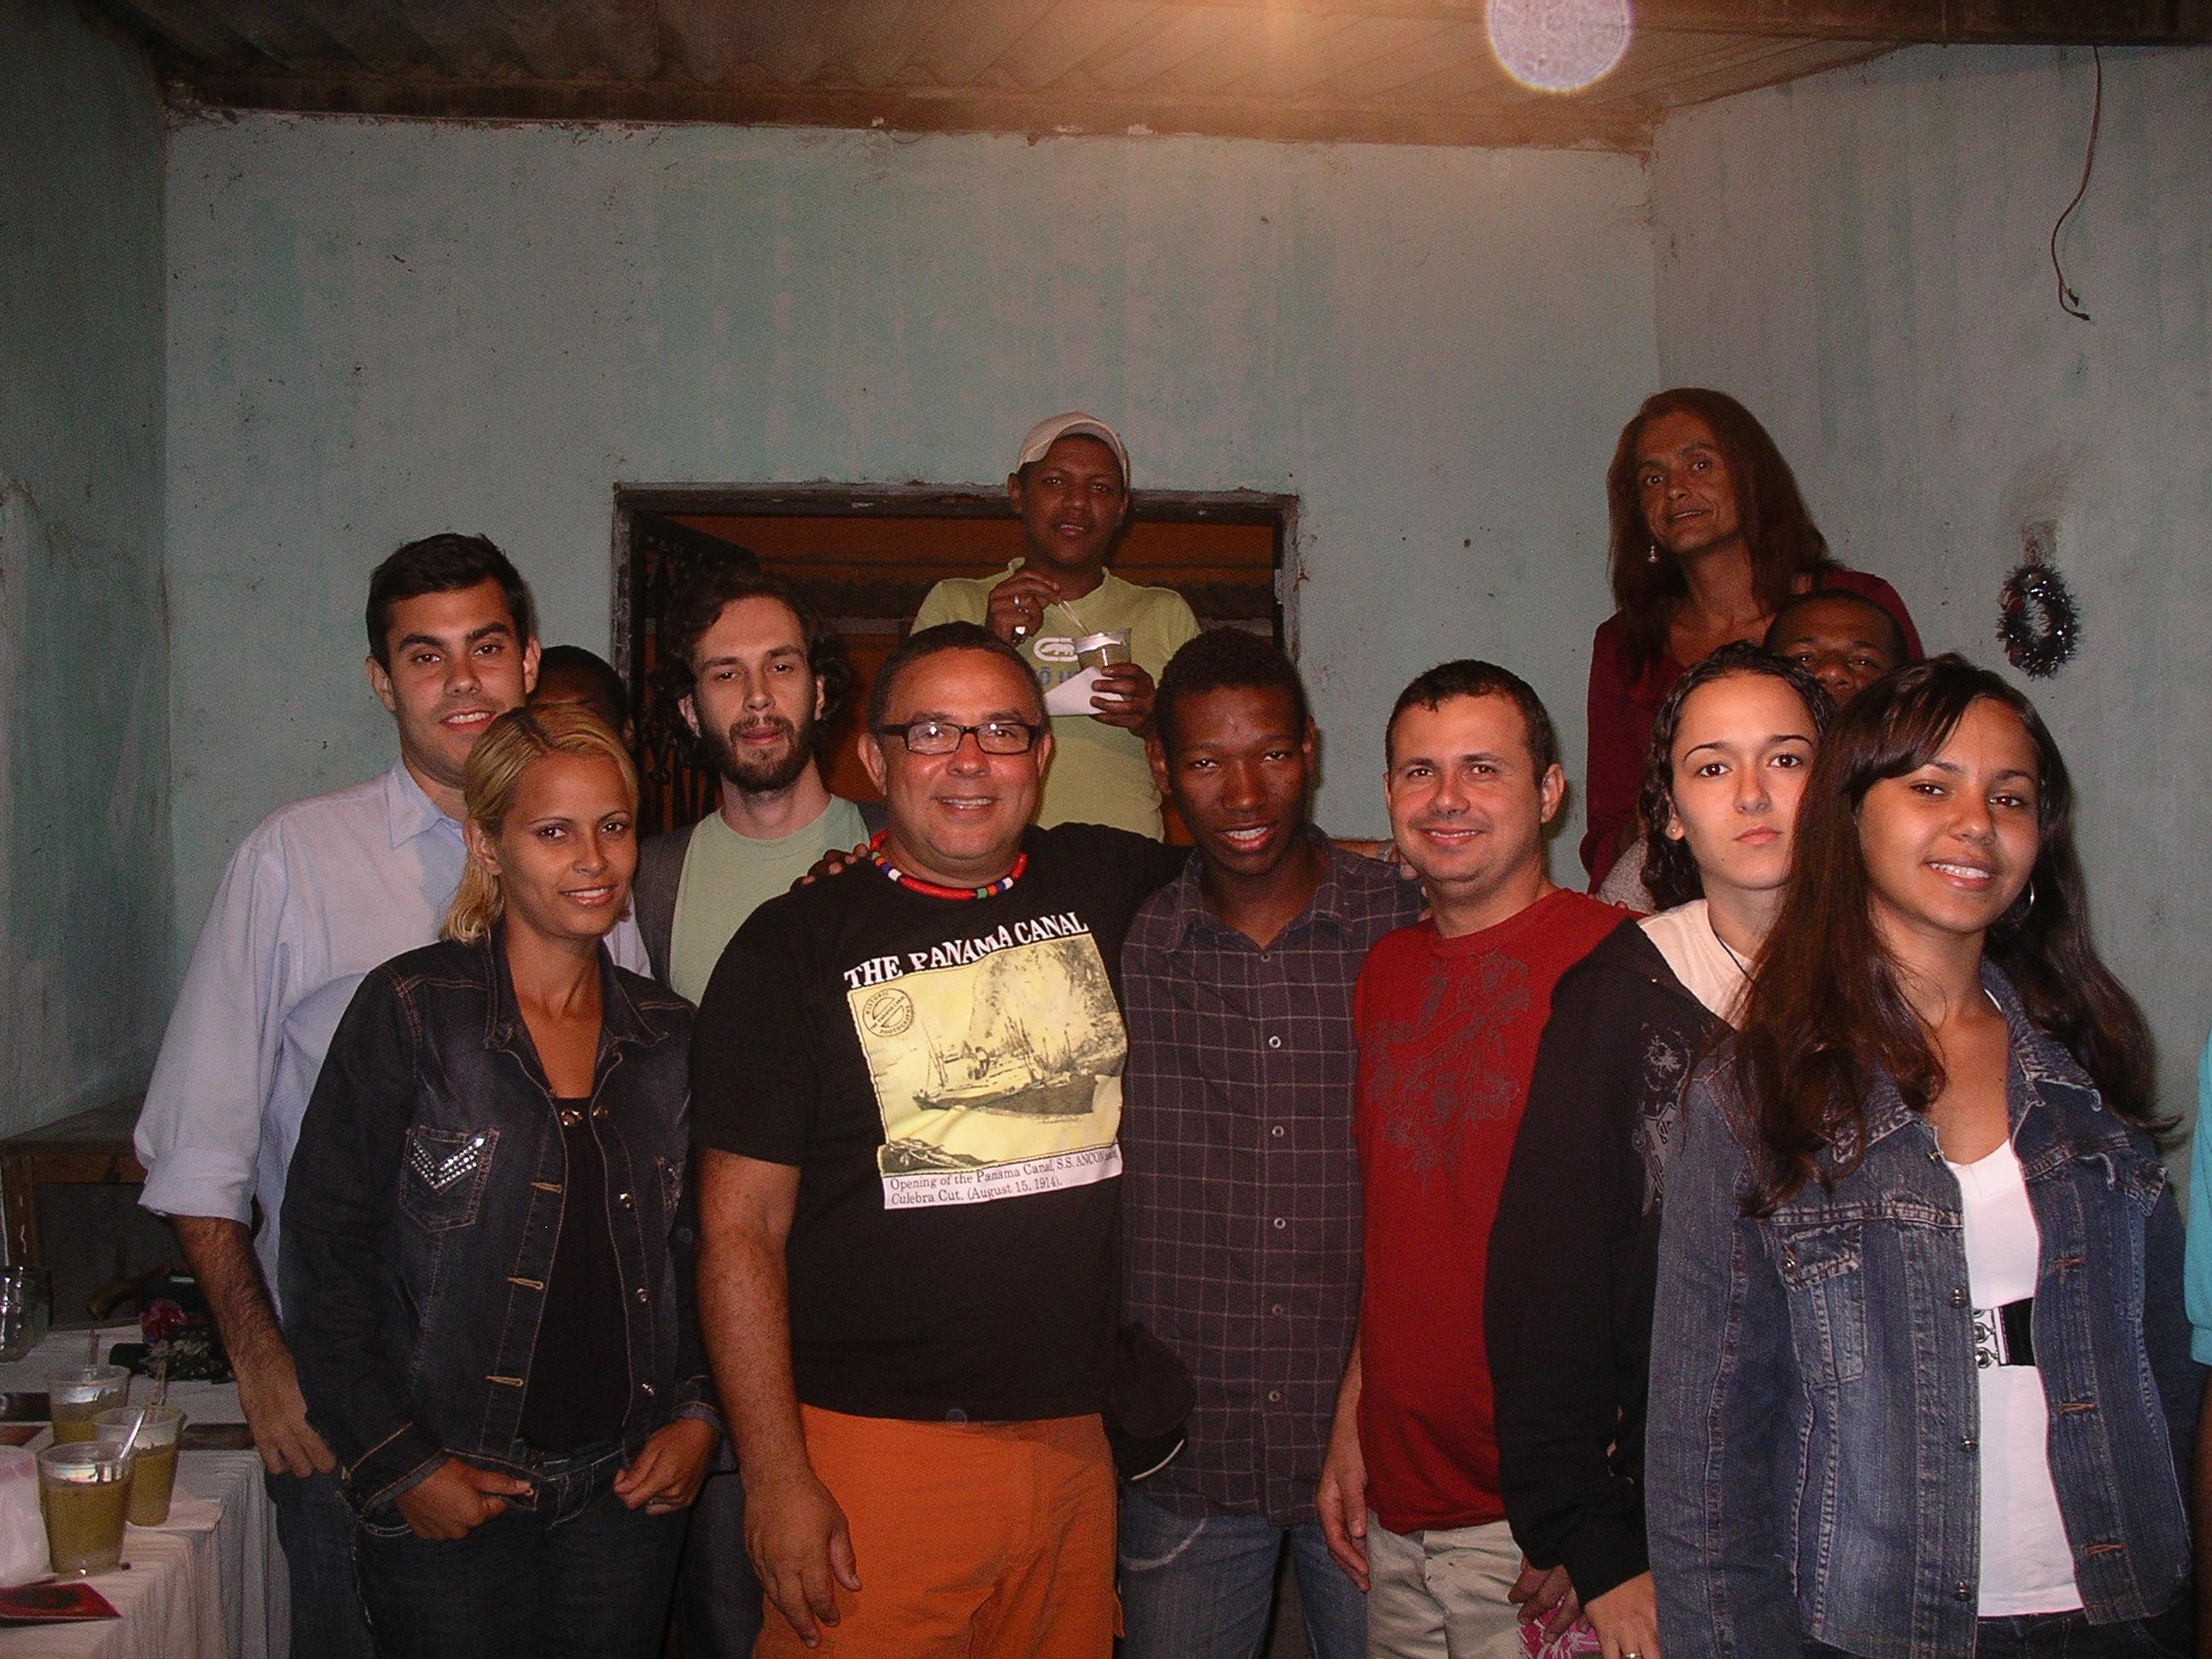 Reunião com jovens da Baixada Fluminense em 2006 para debatermos crimes de ódio contra a comunidade LGBT local.